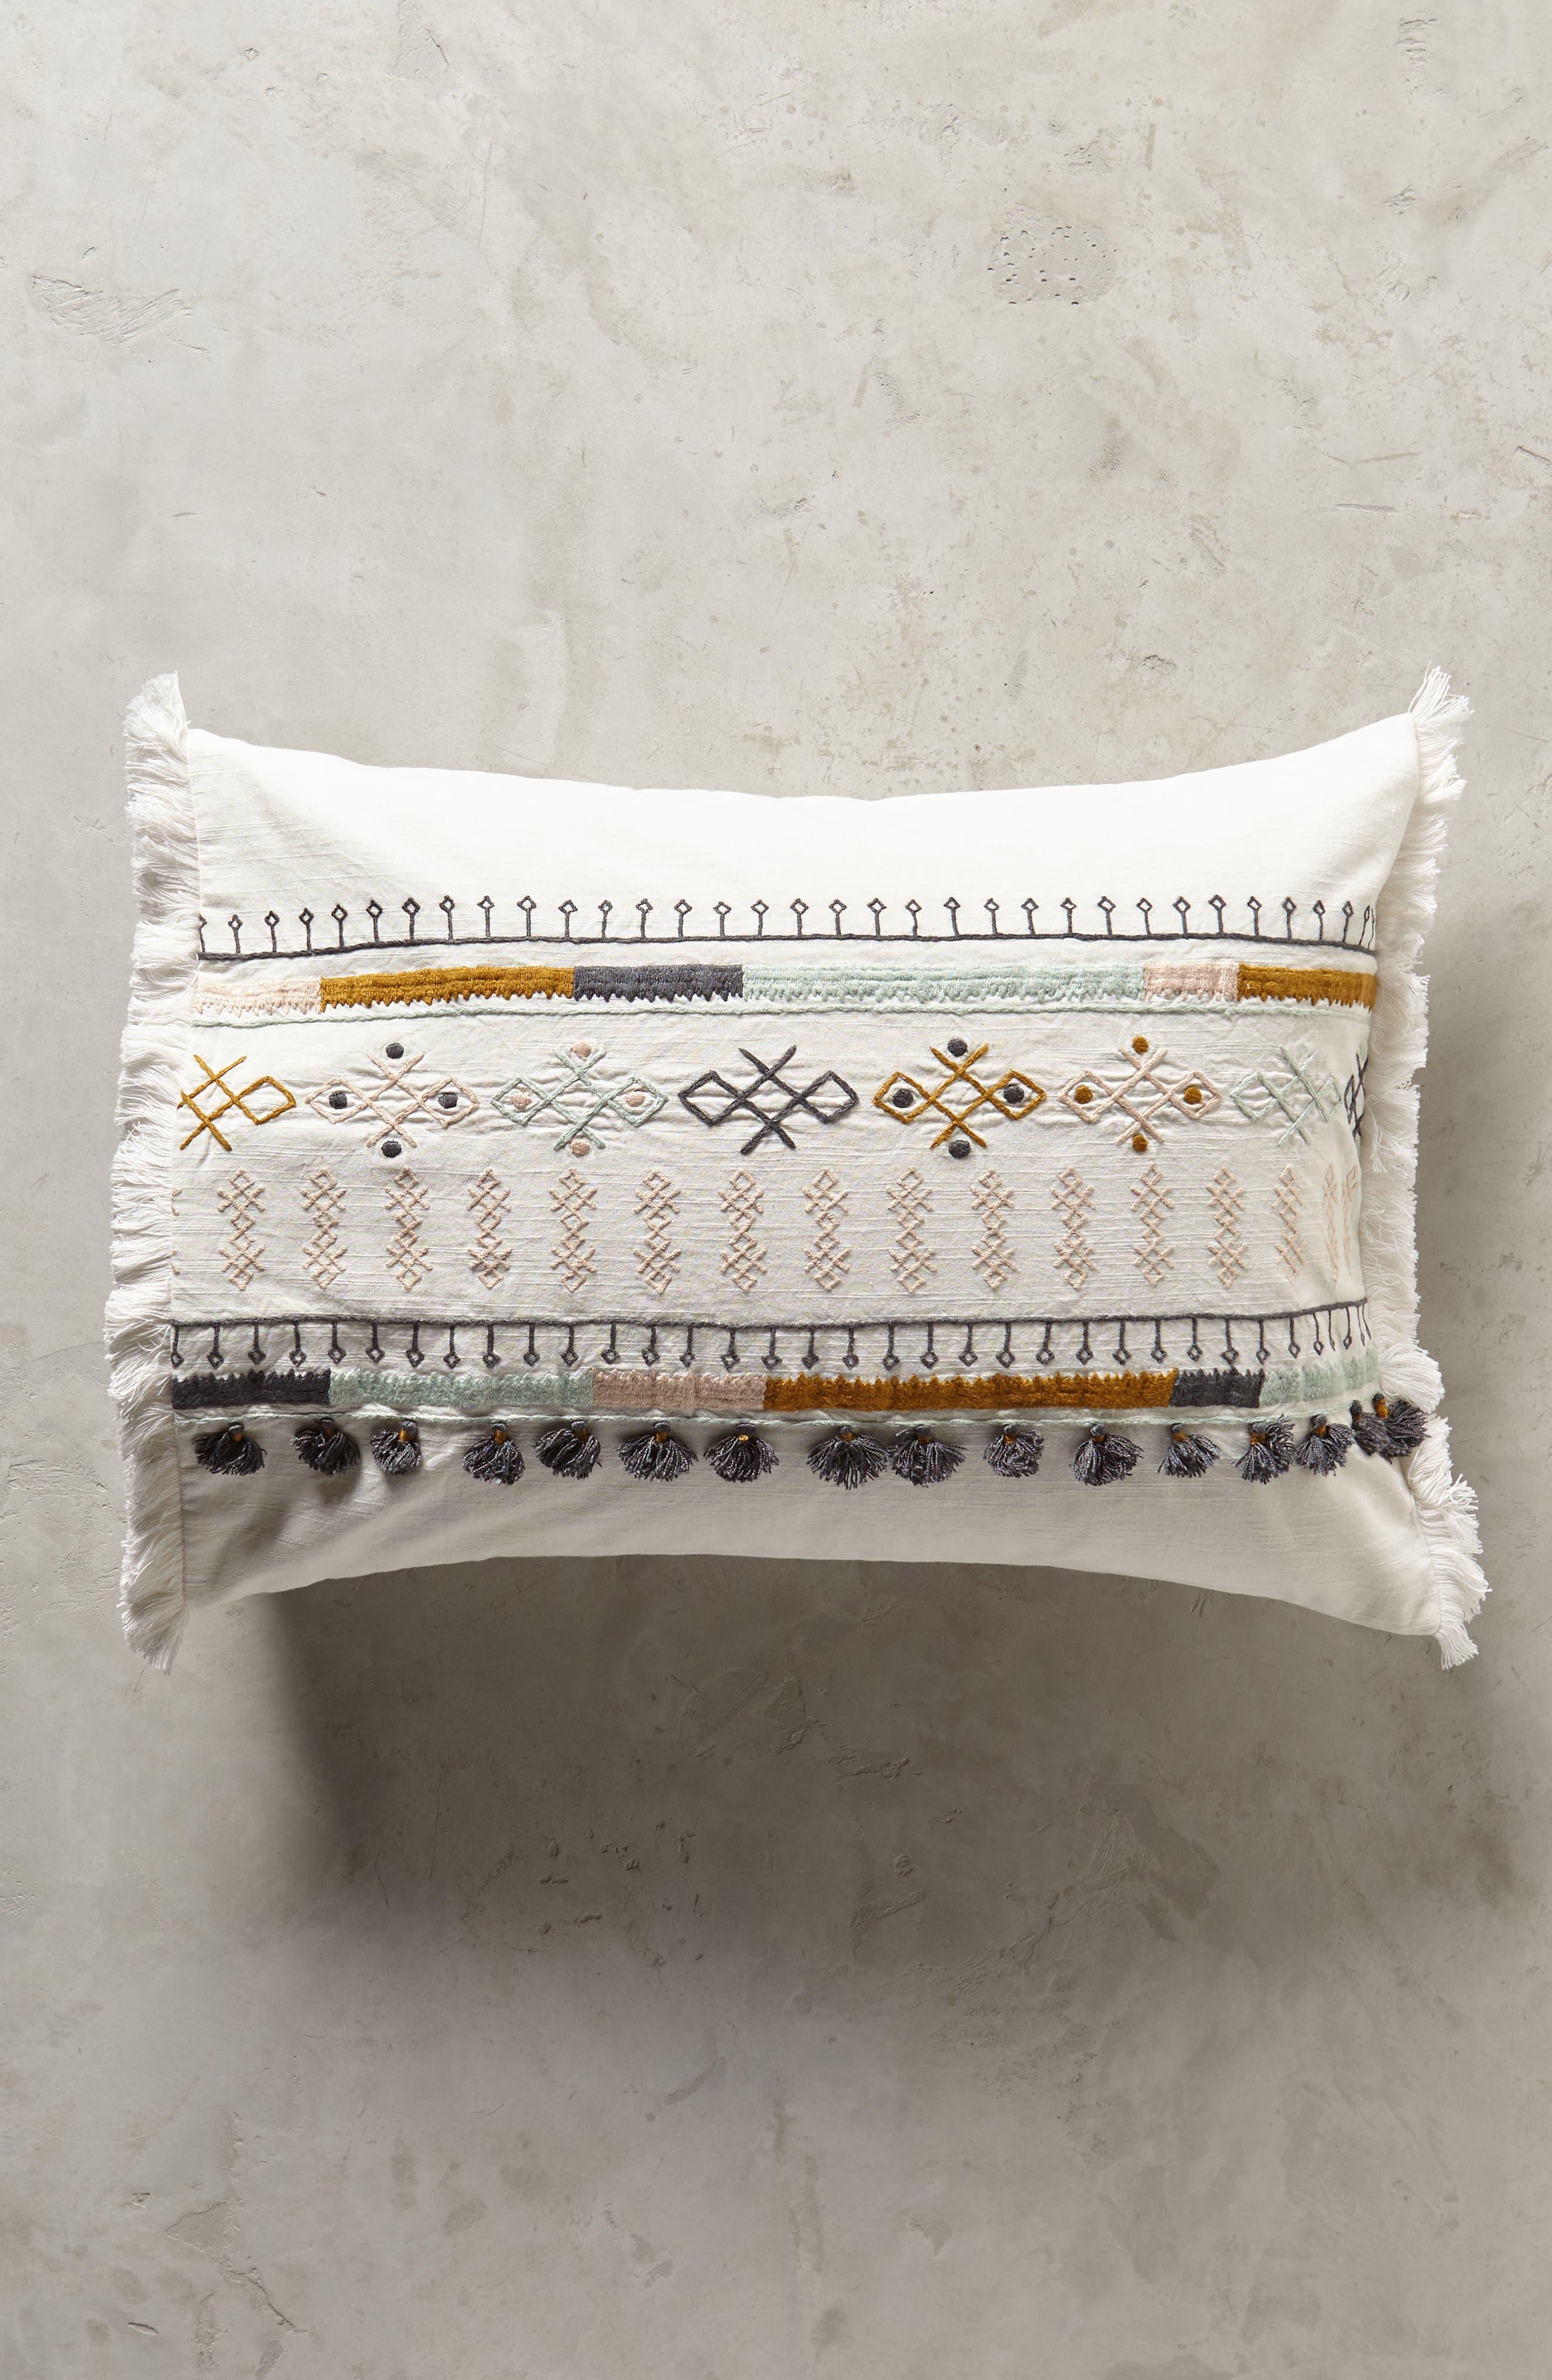 Anthropologie Kessabine Pillow Shams